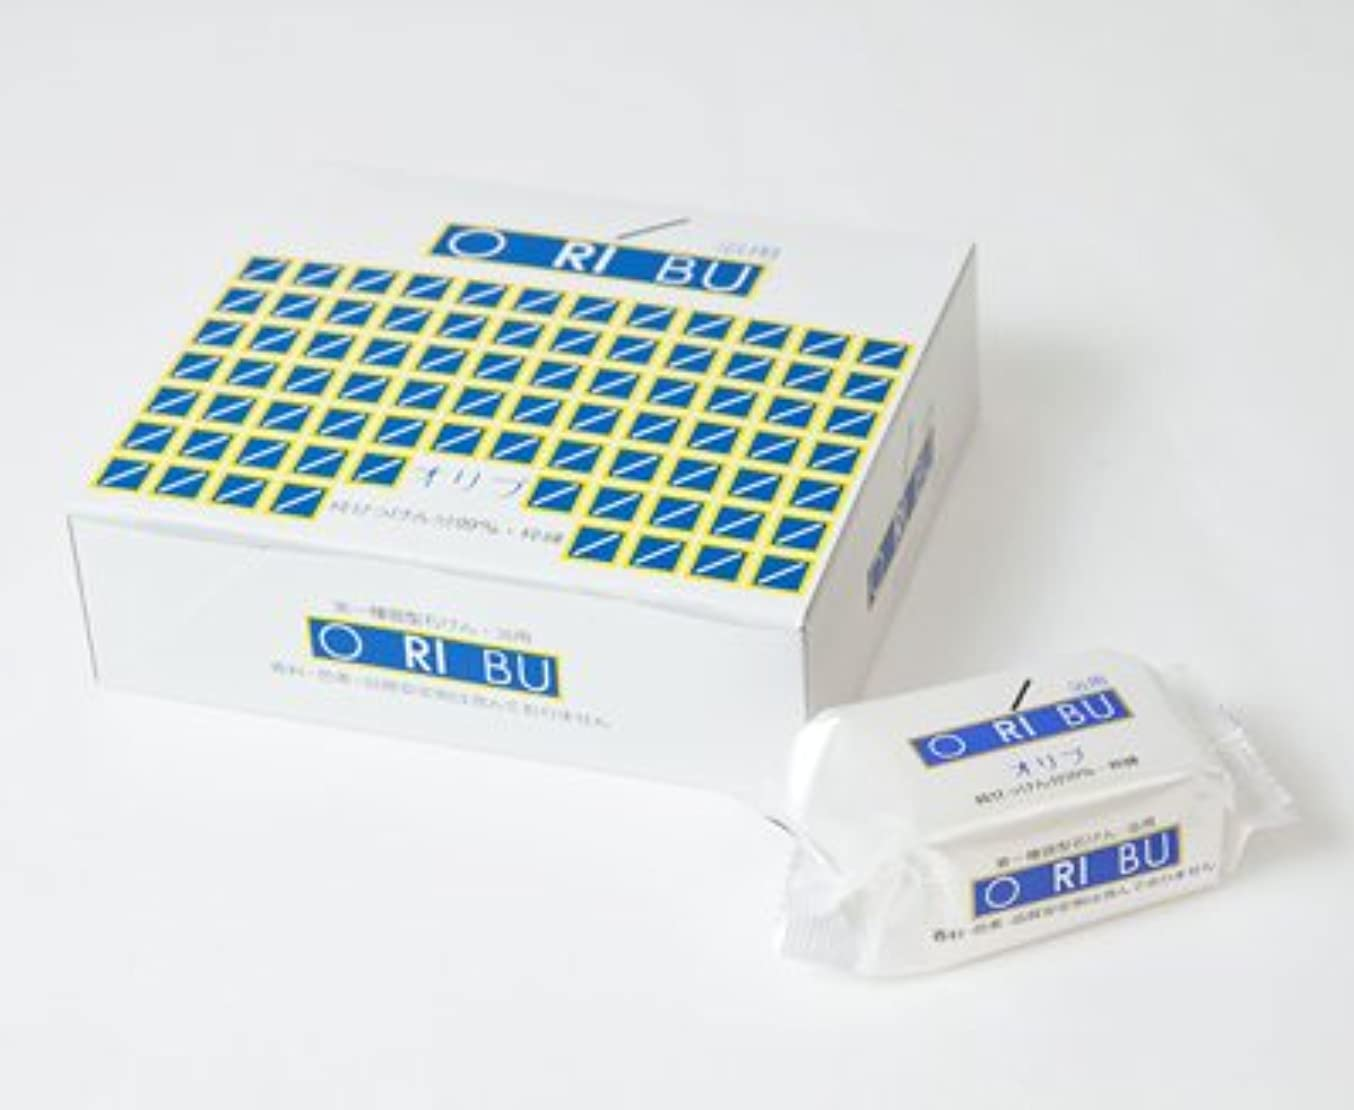 暁石鹸 ORIBU オリブ浴用石けん 1箱 (110g×10個入) 泡立てネット付き